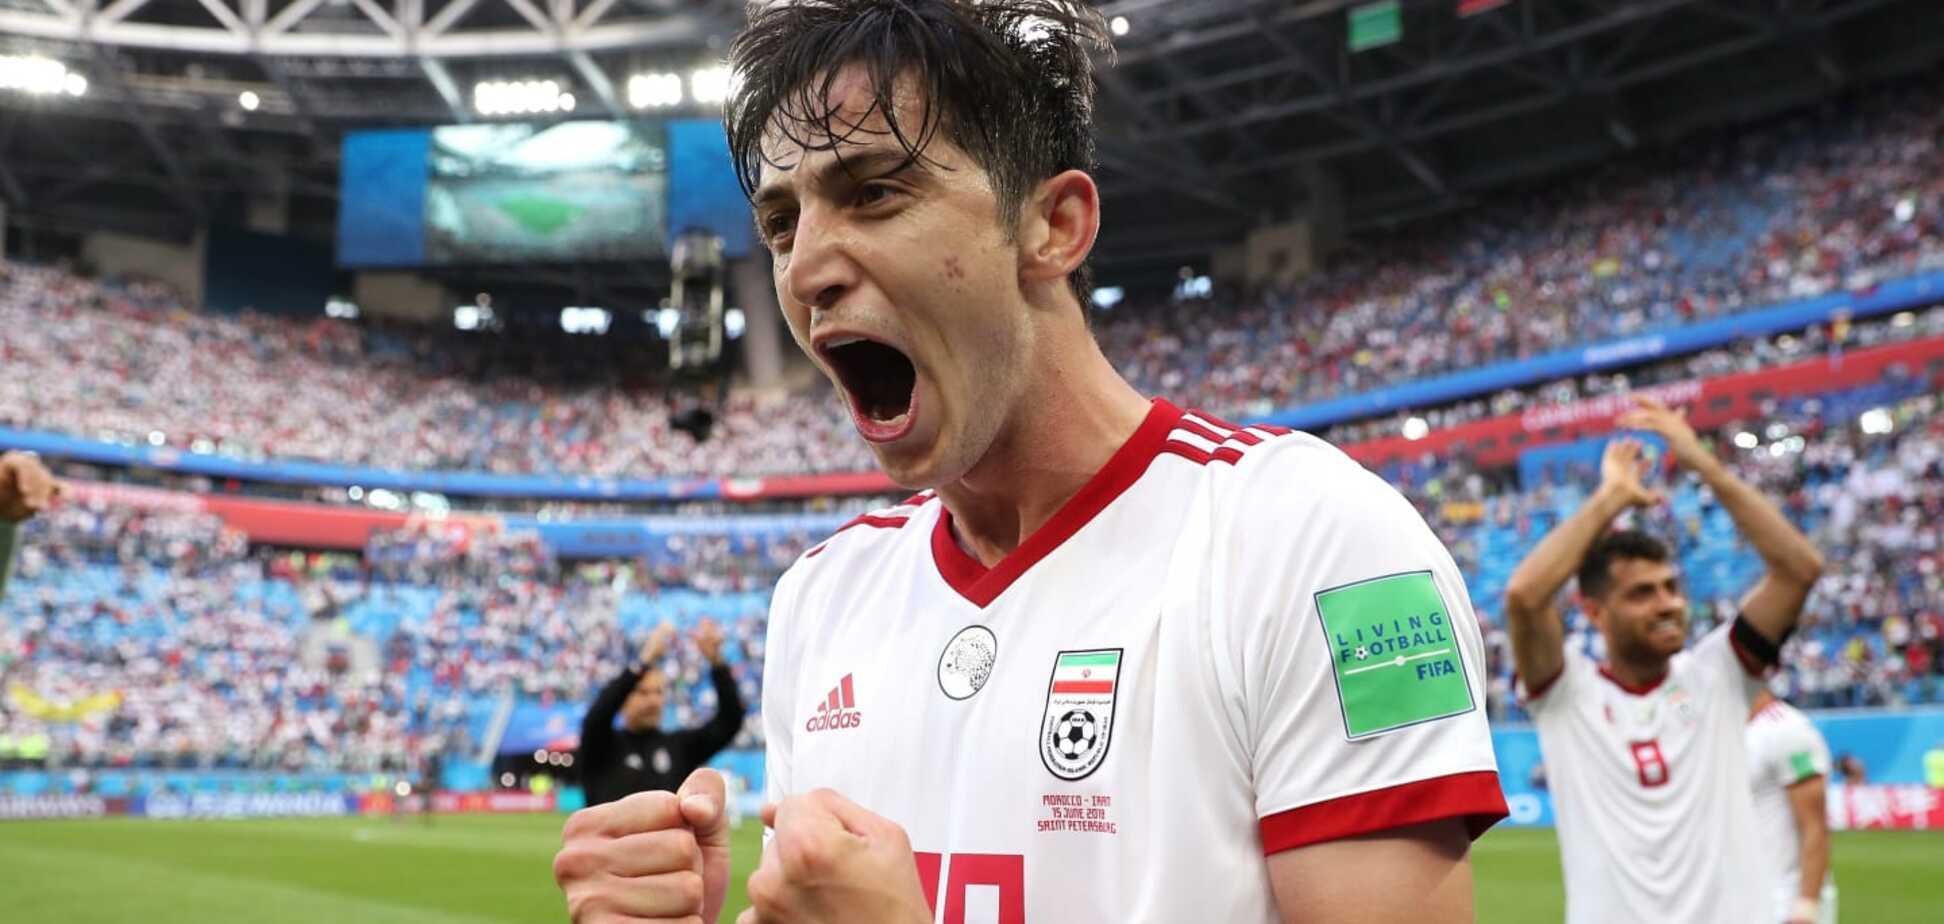 Іран - Іспанія - 0-1: онлайн-трансляція матчу ЧС-2018